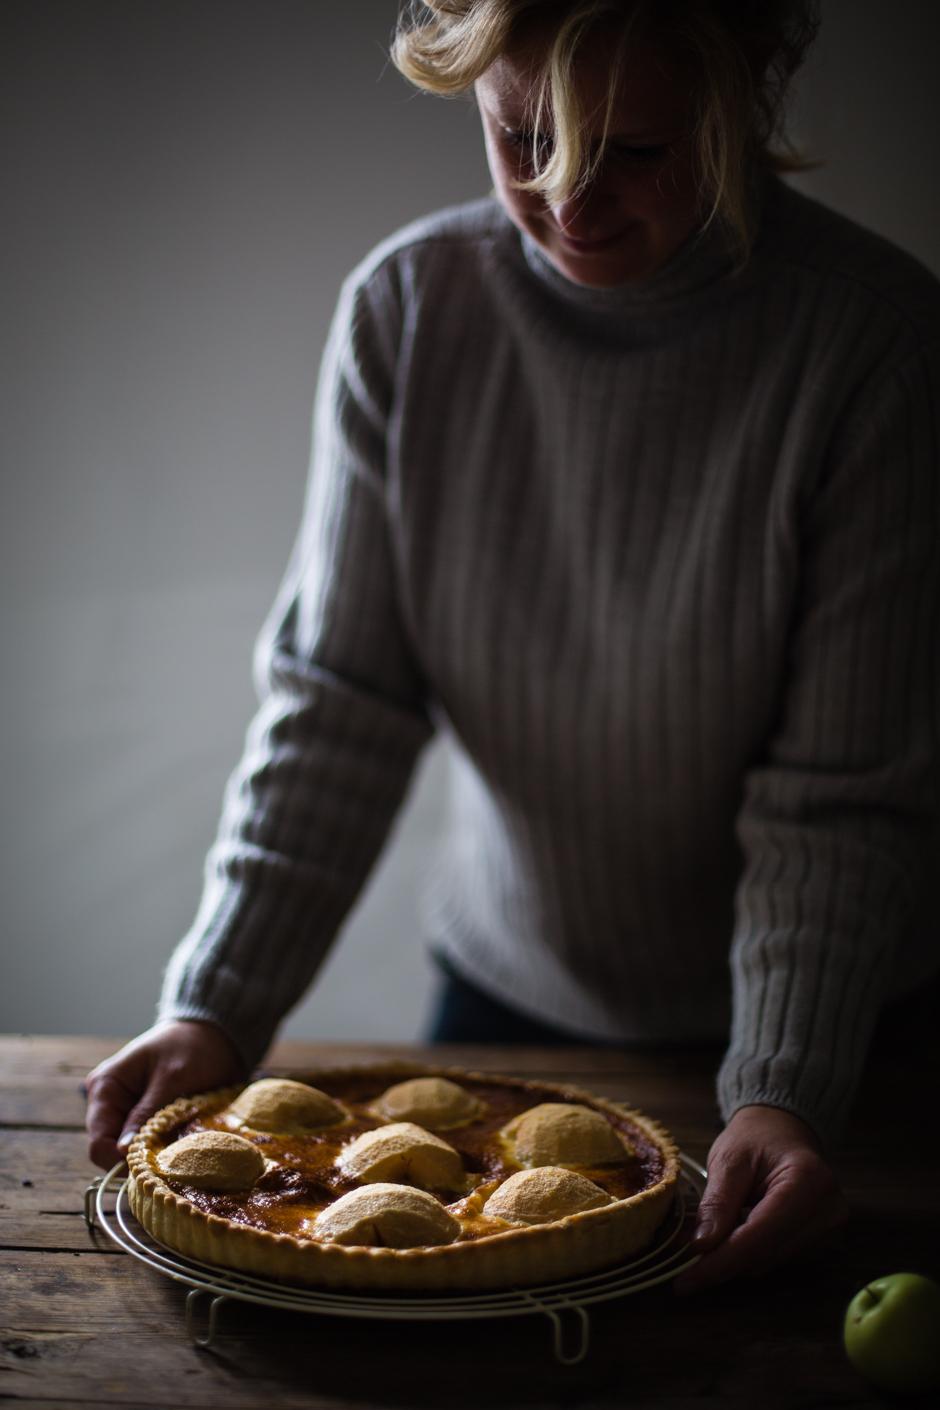 levendulás almatorta az Emlékek Íze vidéki konyhájából www.emlekekize.hu